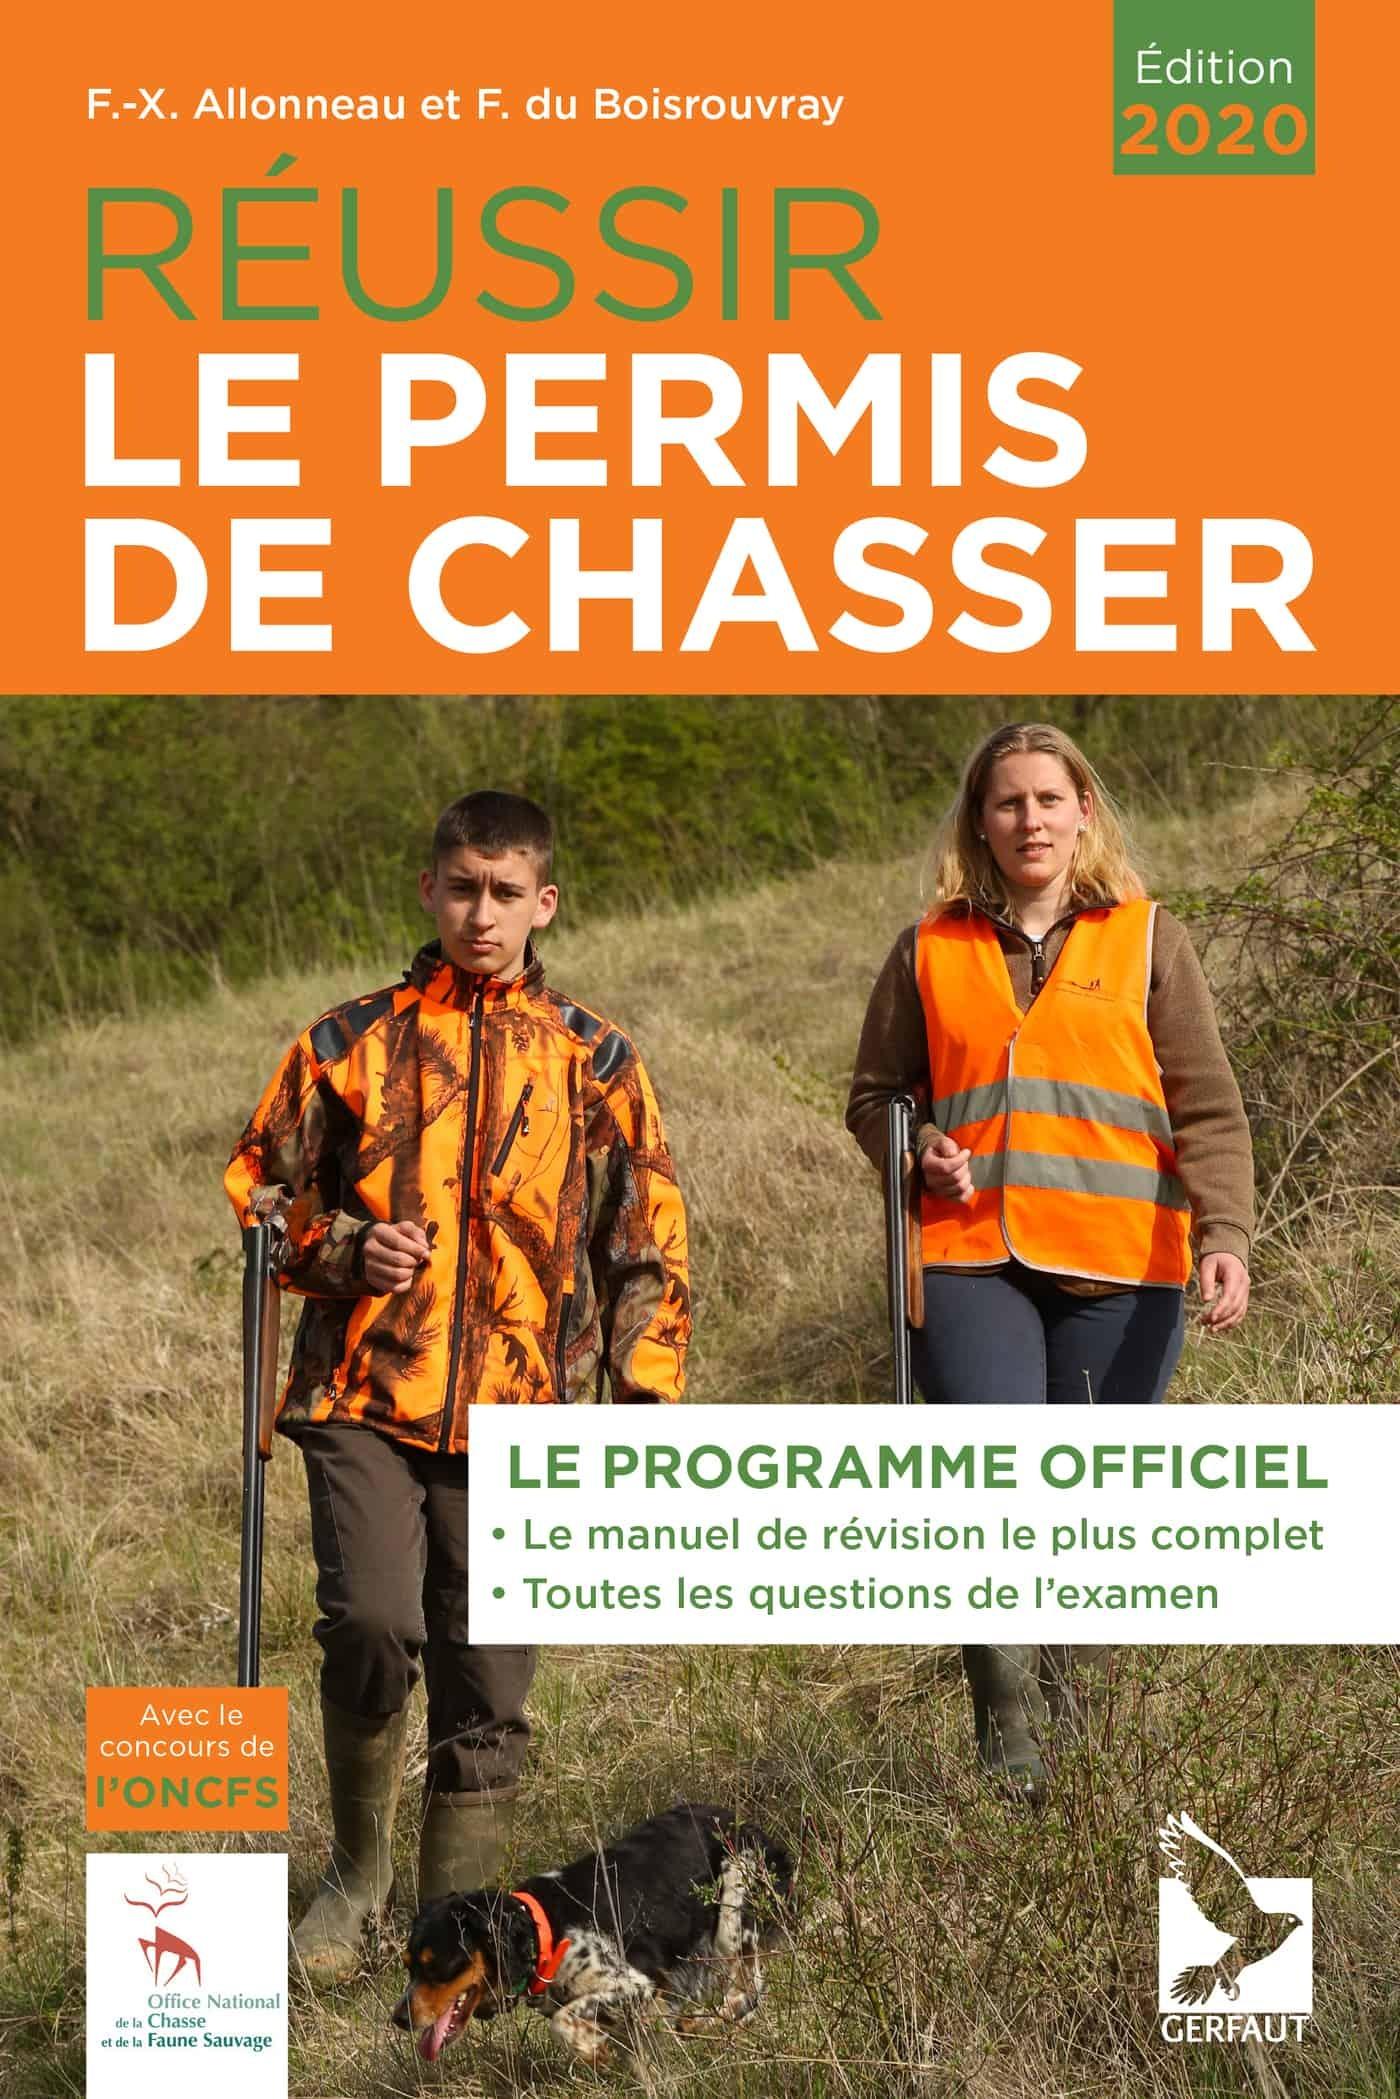 REUSSIR LE PERMIS DE CHASSER EDITION 2020